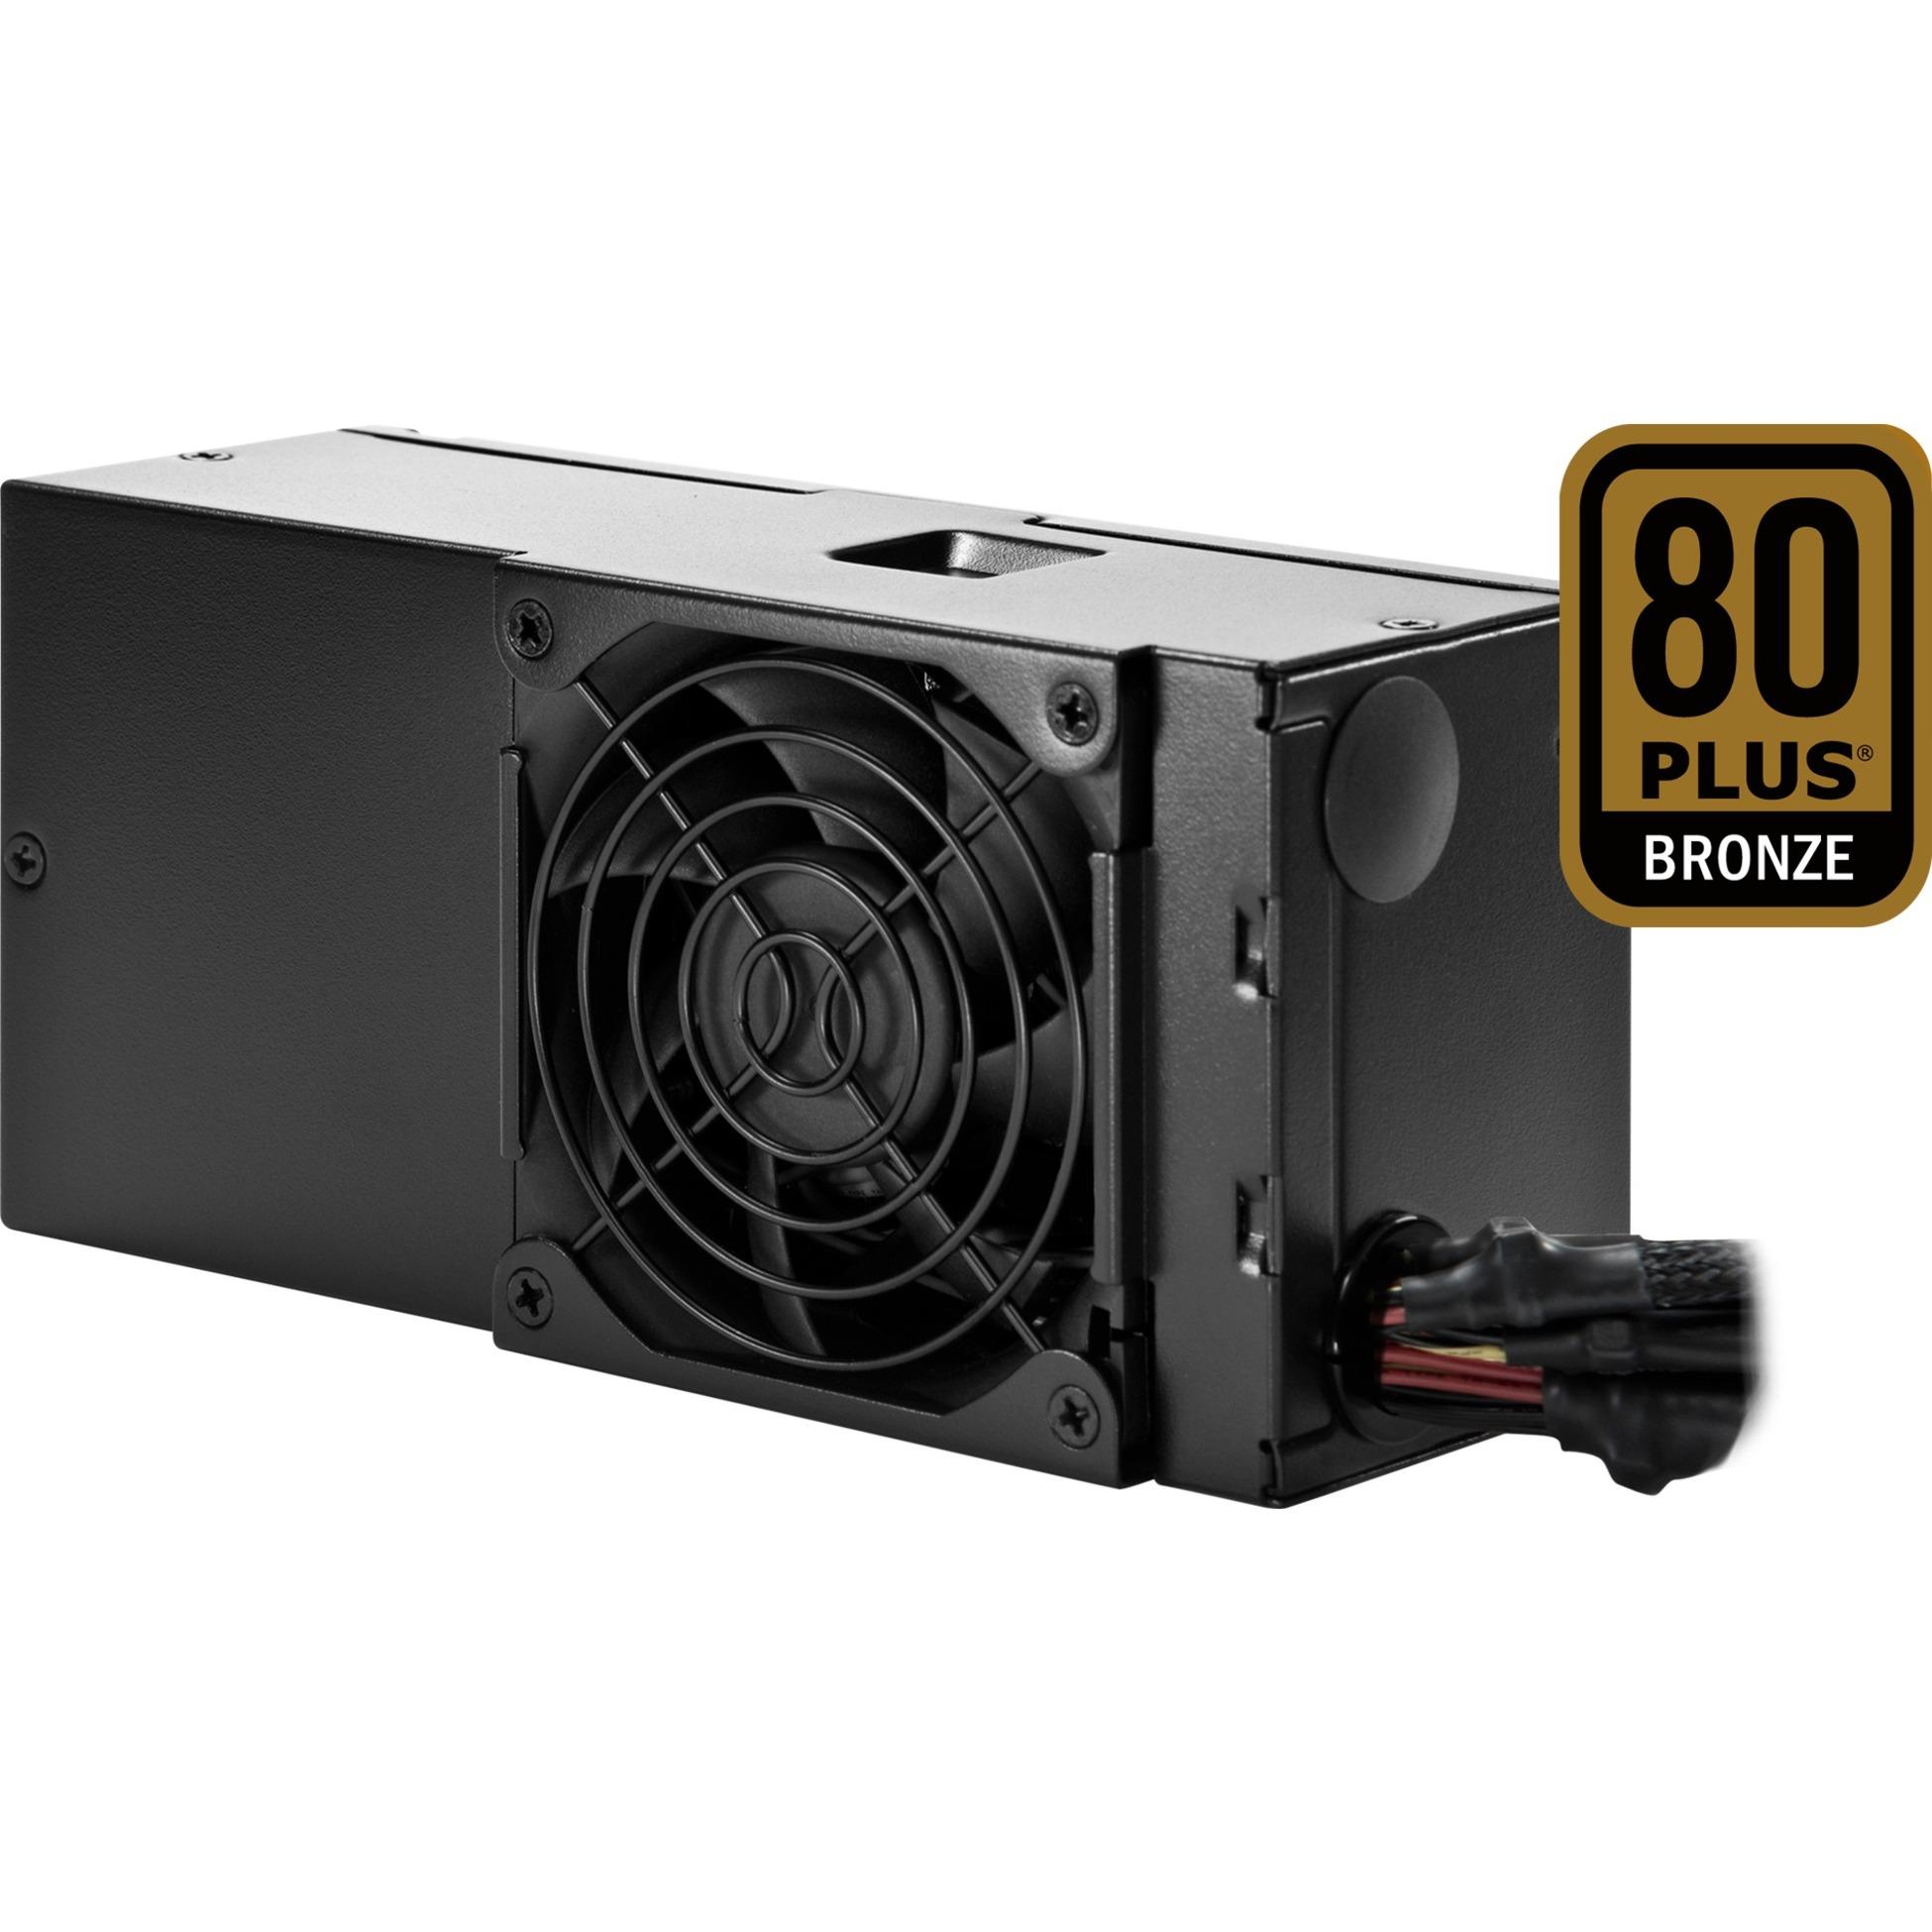 BN228 300W TFX Negro unidad de fuente de alimentación, Fuente de alimentación de PC